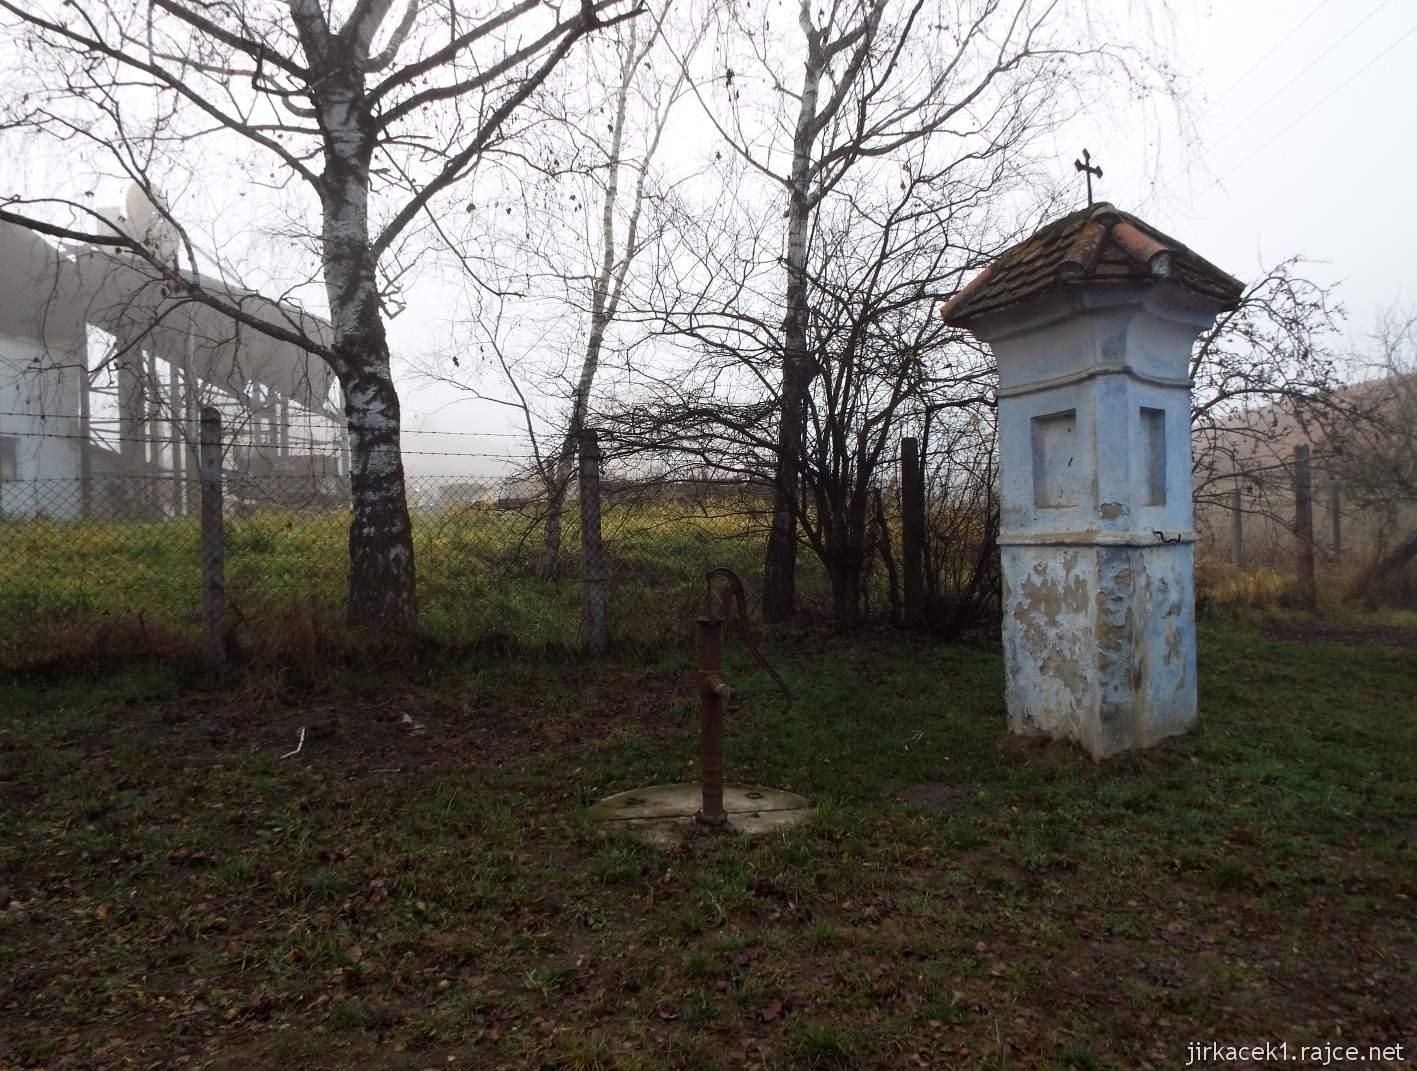 098 - pumpa a Boží muka v obci Soběsuky